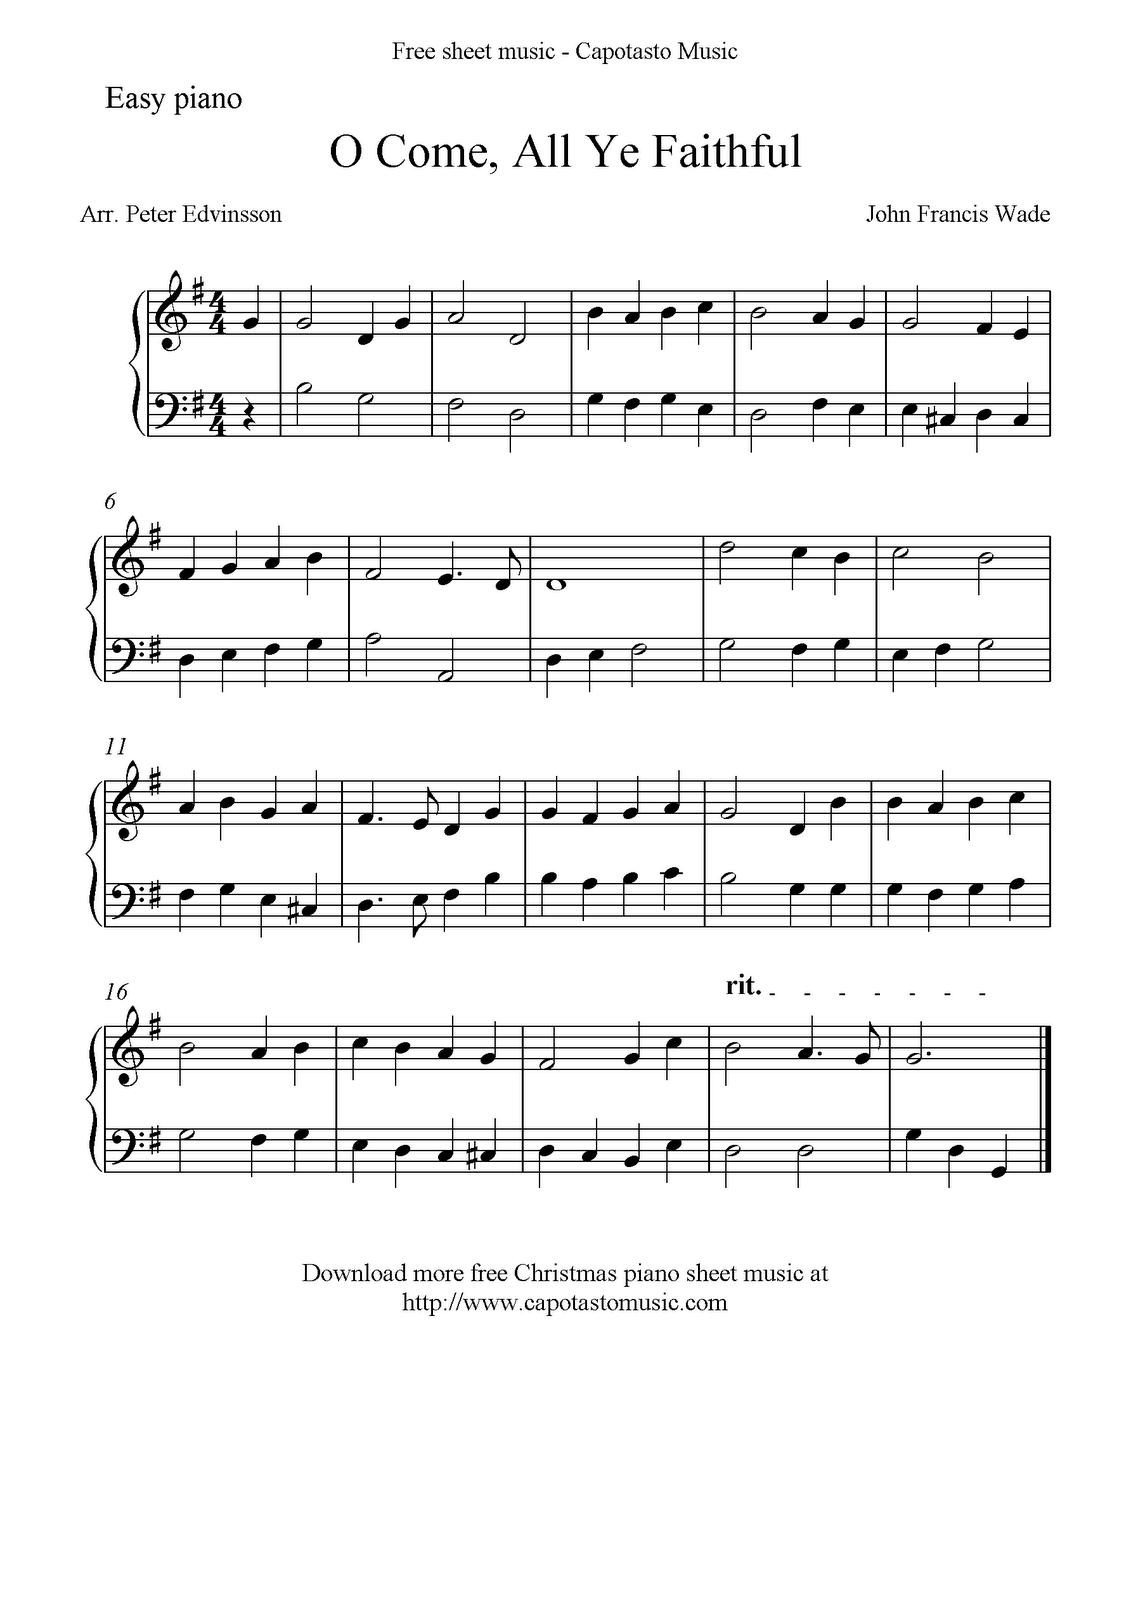 Free Easy Christmas Piano Sheet Music, O Come, All Ye Faithful - Christmas Piano Sheet Music Easy Free Printable